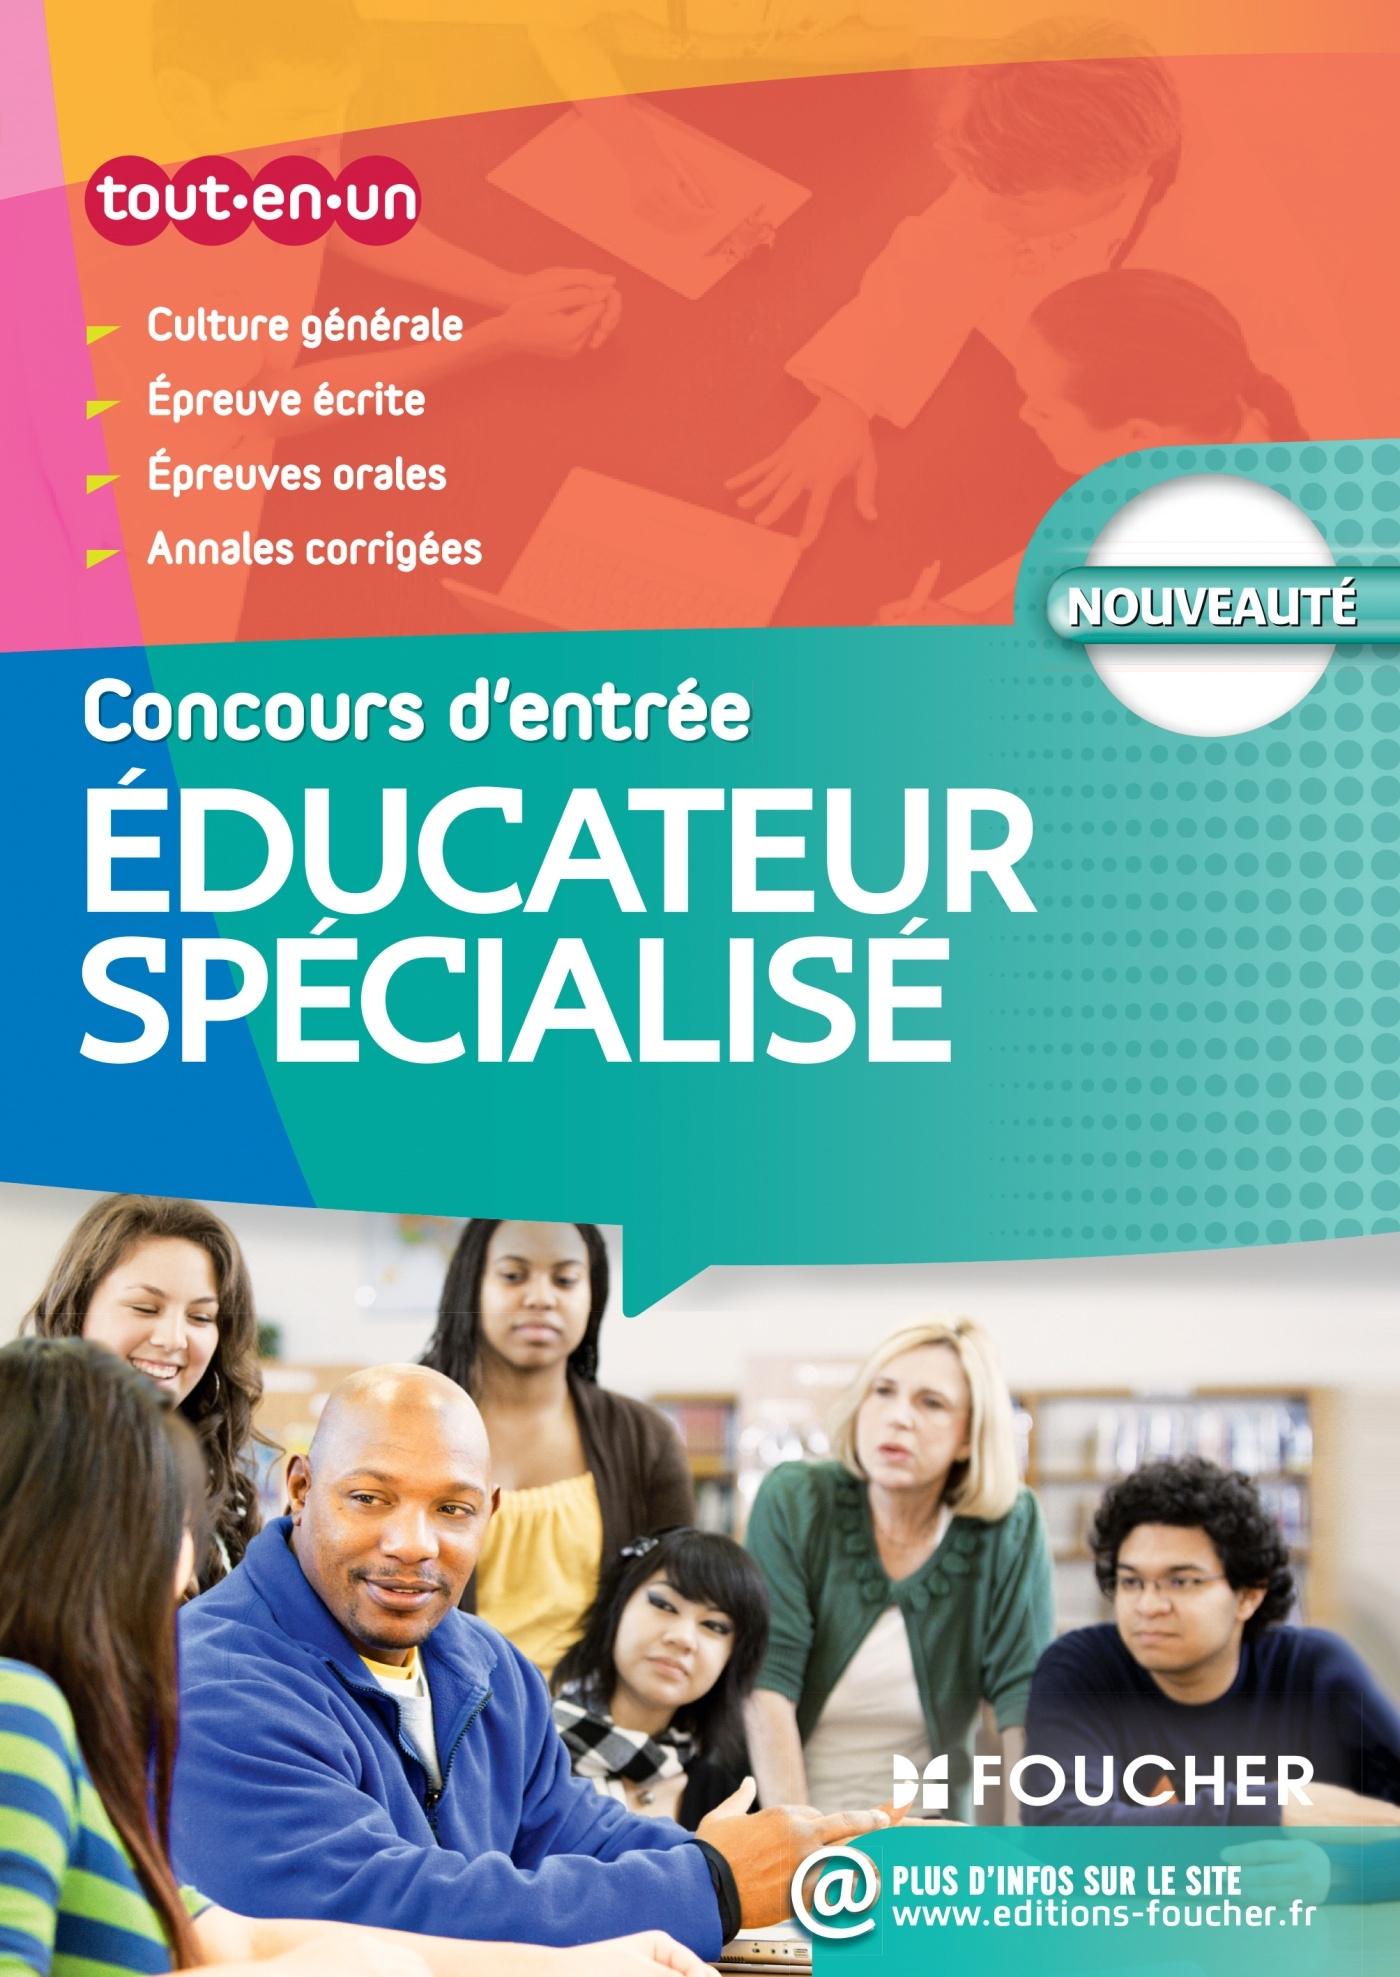 EDUCATEUR SPECIALISE - CONCOURS D'ENTREE - N 38